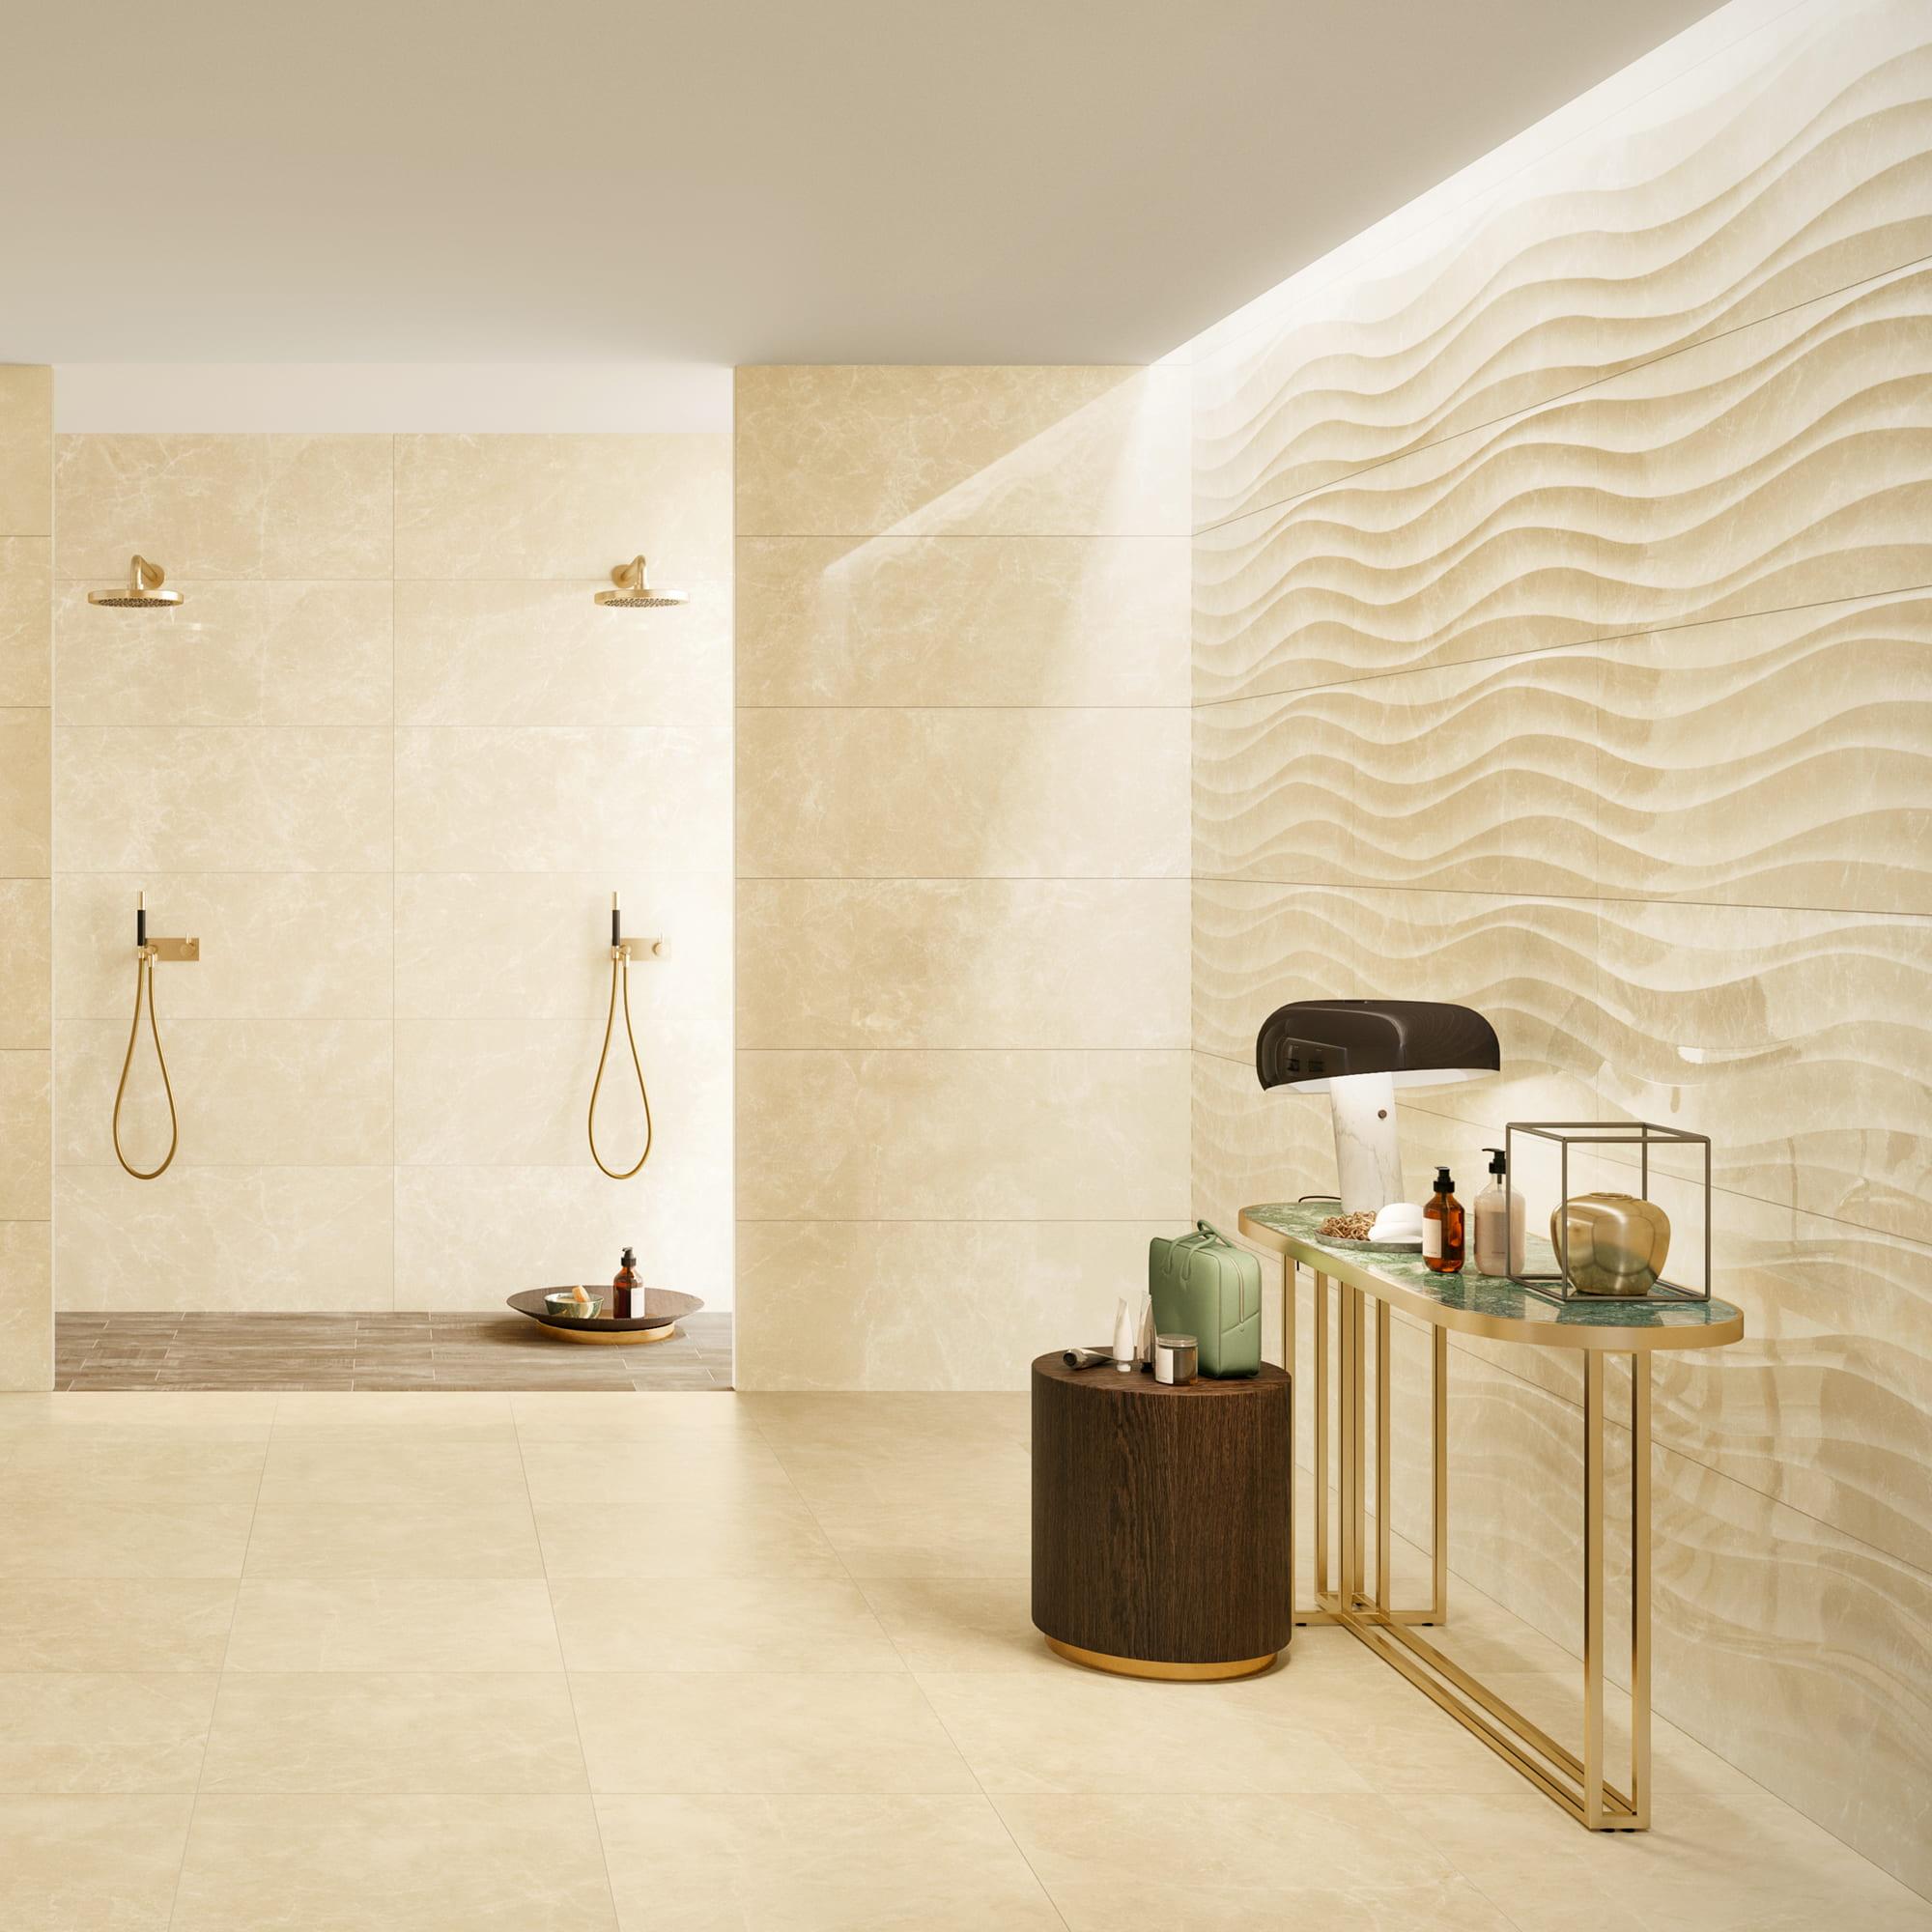 Marble Beige Shine - 45 x 119 RET. | Marble Flux Beige Shine - 45 x 119 RET. | Marble Beige Matt - 60 x 60 RET. | Wildwood Tortora - 15 x 75 AS